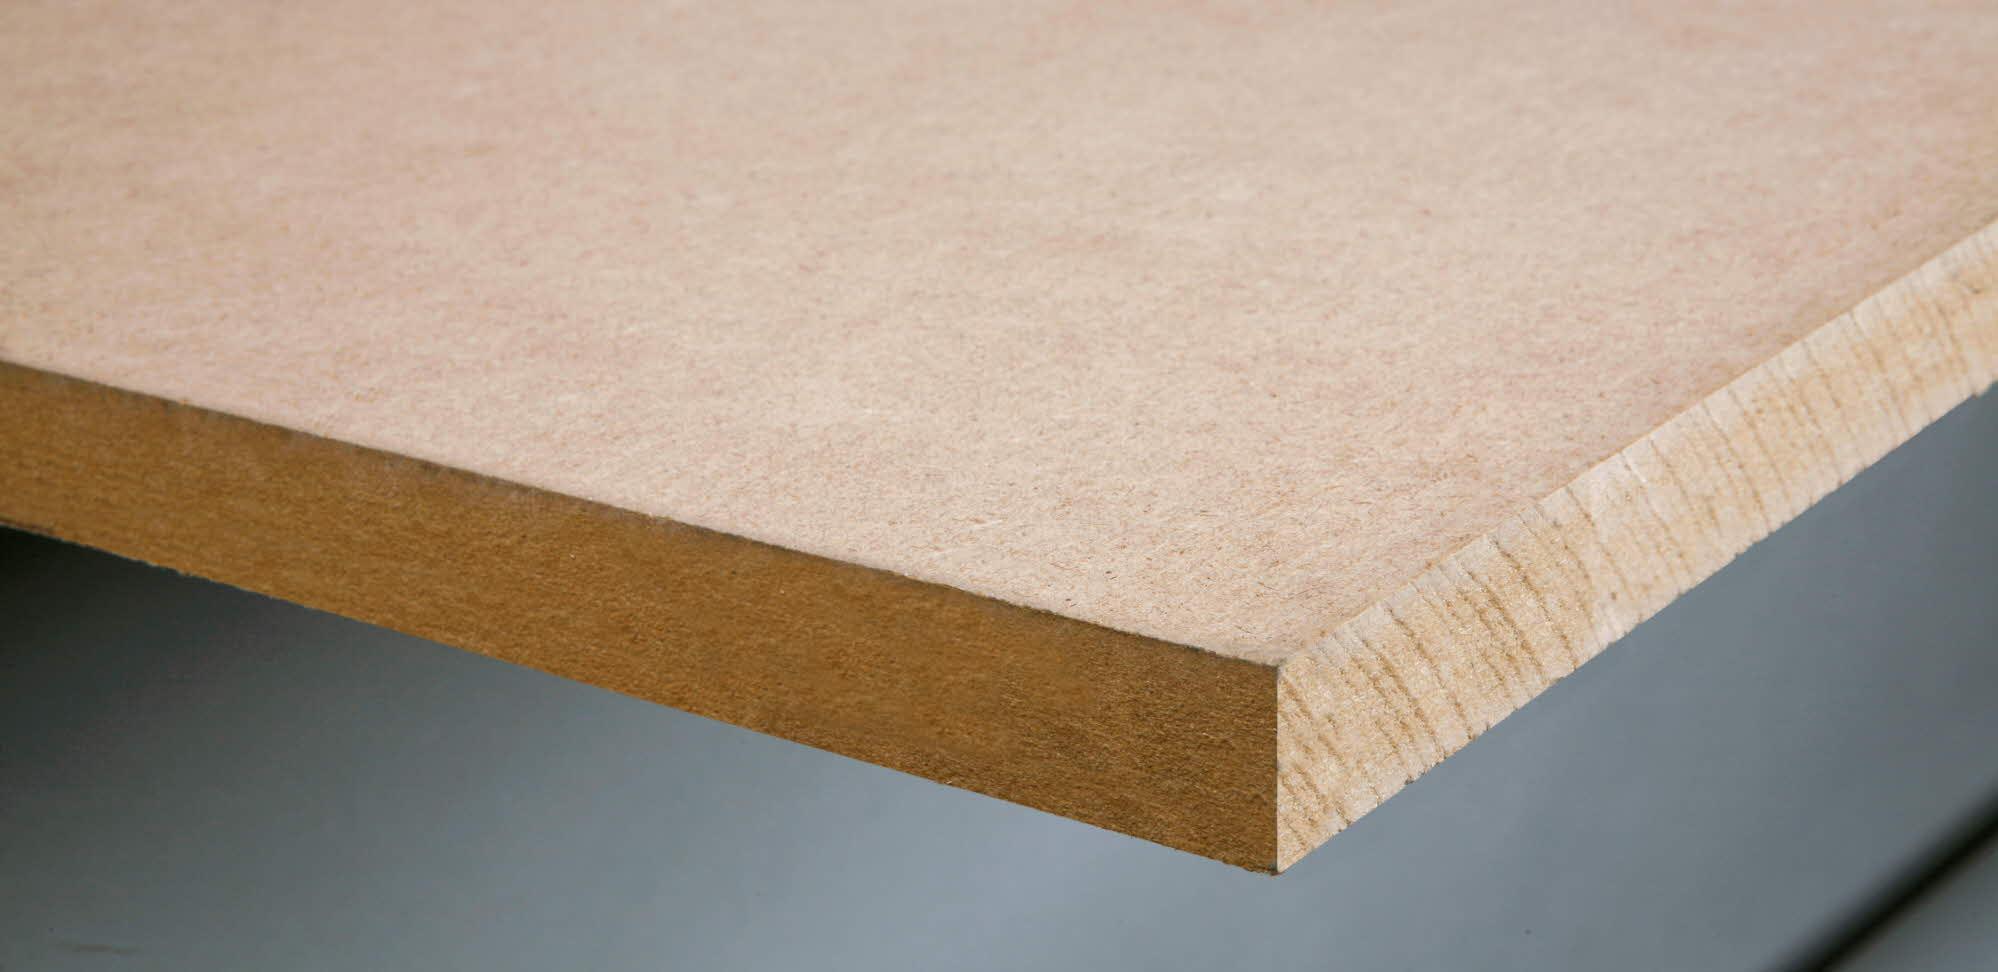 Ikea Kk Kvalitet Linen Cushion Cover Stemning Vi Tilbringer Gjerne En Sommerkveld Eller Fem I